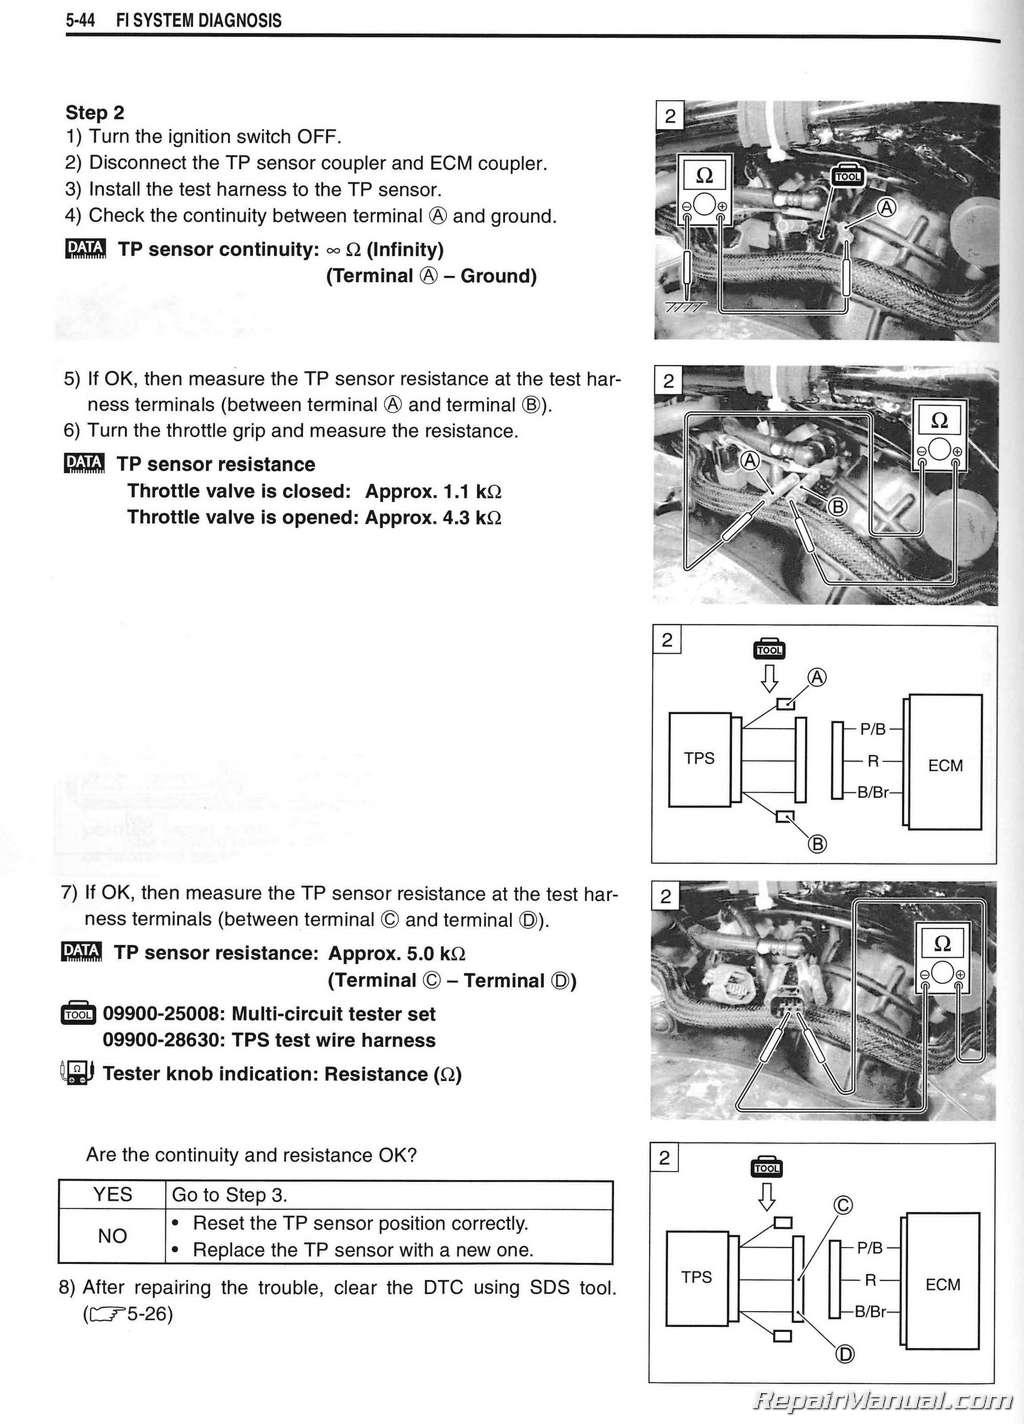 suzuki m109 wiring diagram wiring diagram write rh 6 kitg bolonka zwetna von der laisbach de